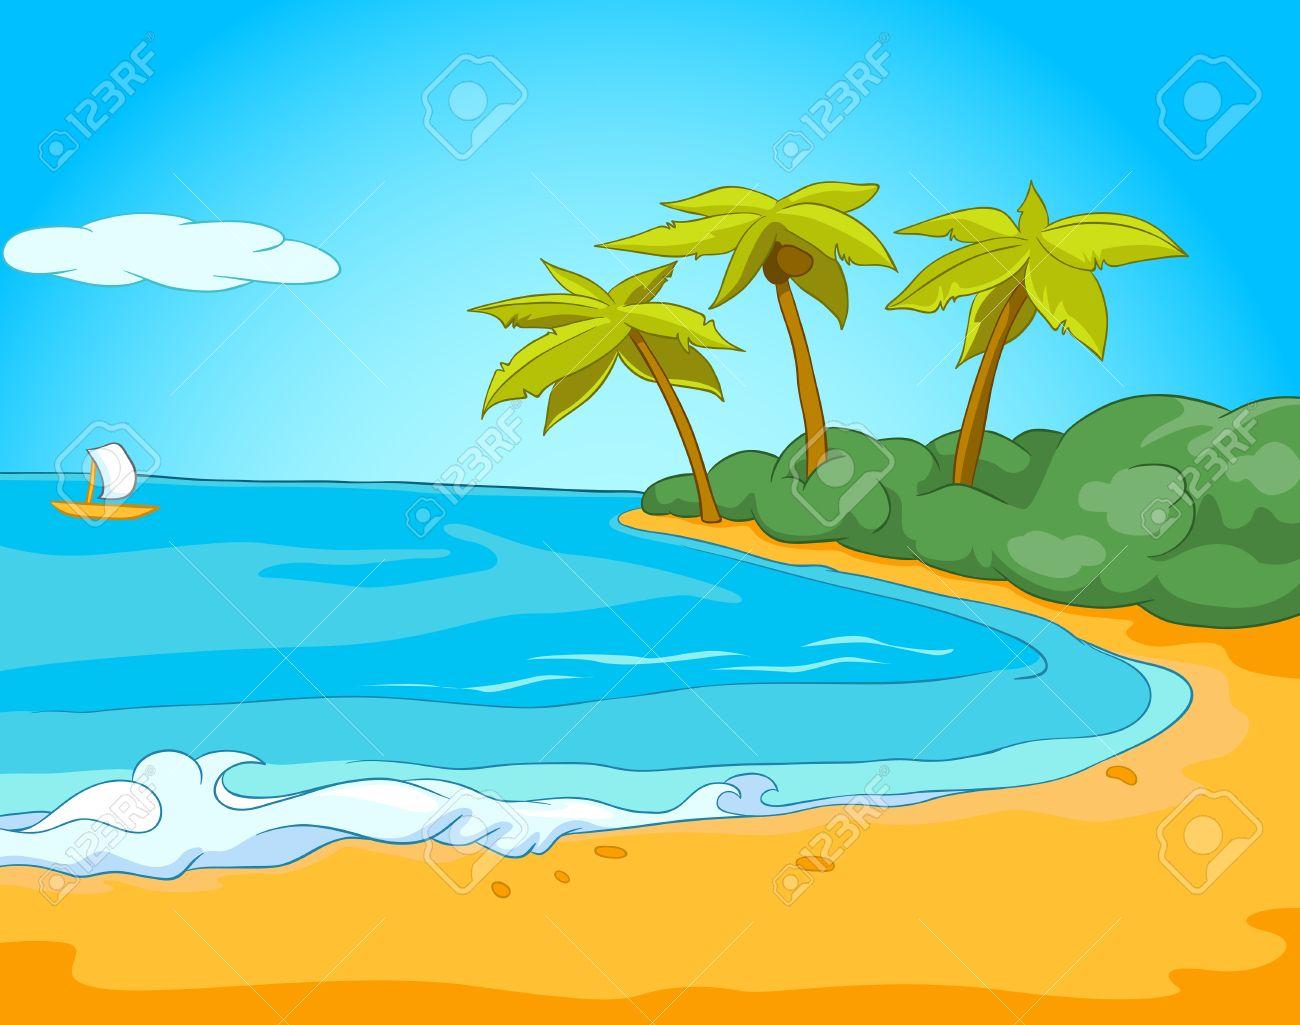 Immagini Stock Disegnato A Mano Cartone Animato Del Paesaggio Di